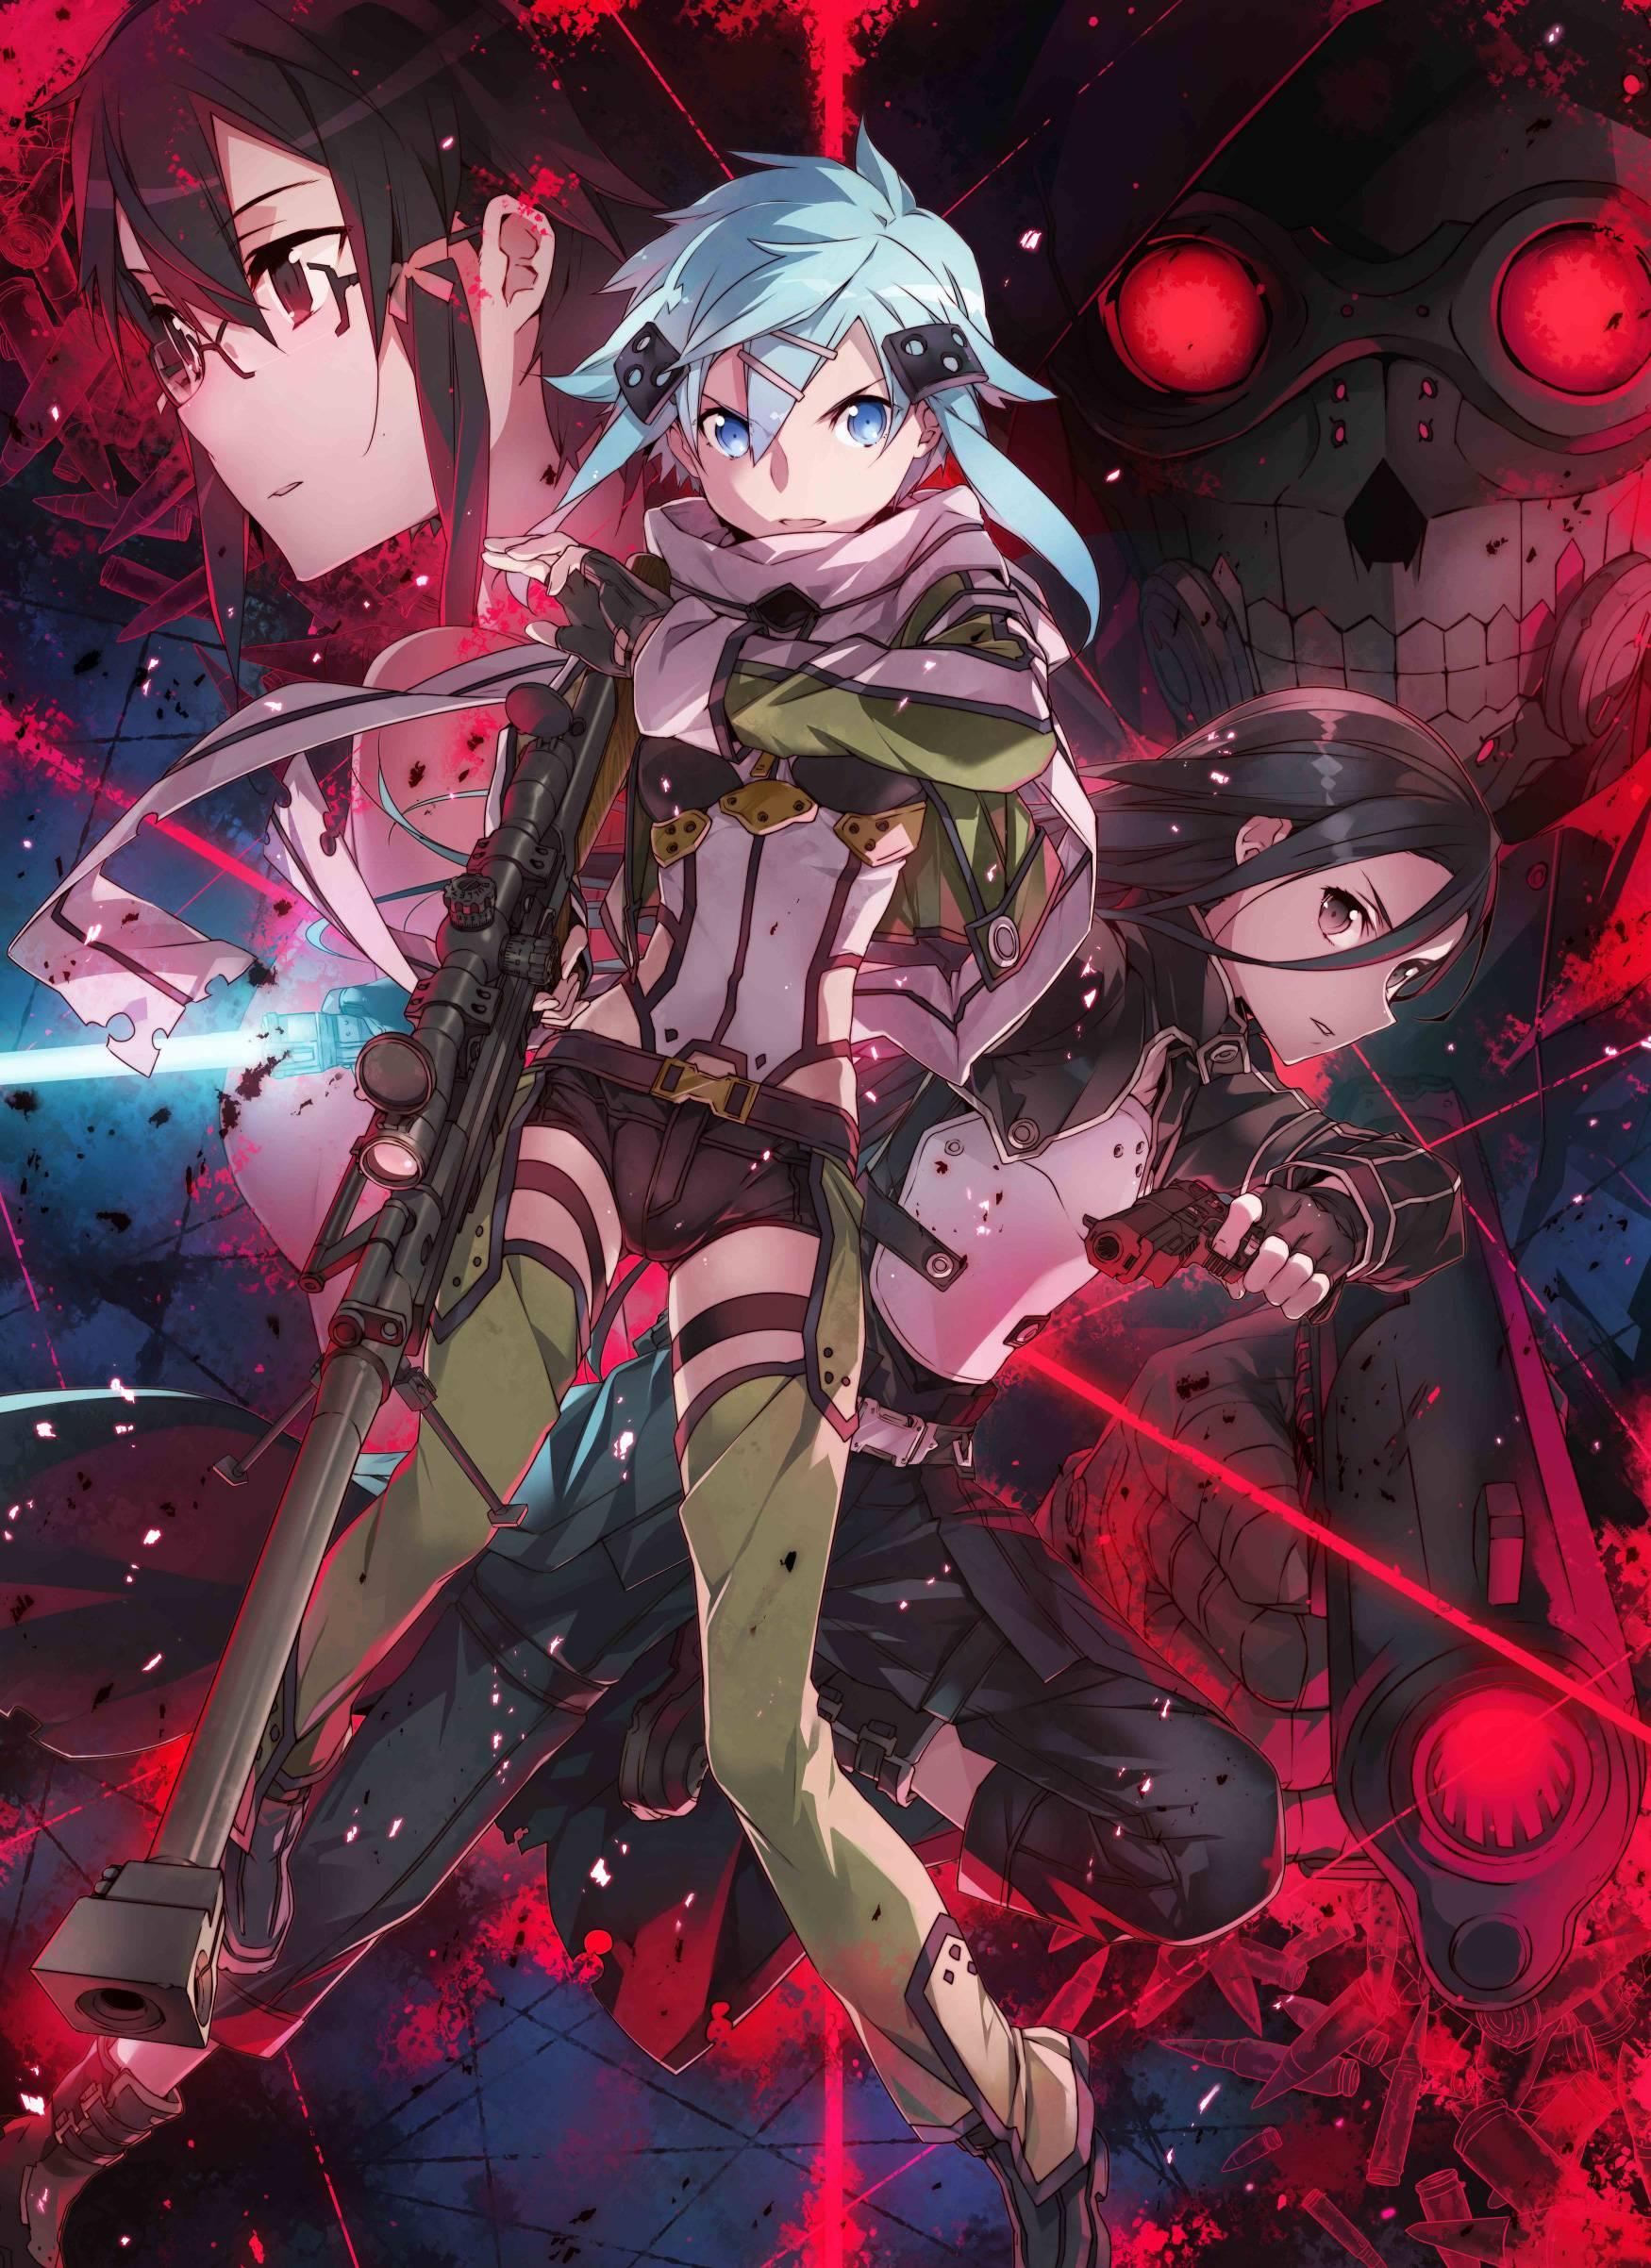 Sword Art Online II, Sword Art Online II, sword-art-online-ii